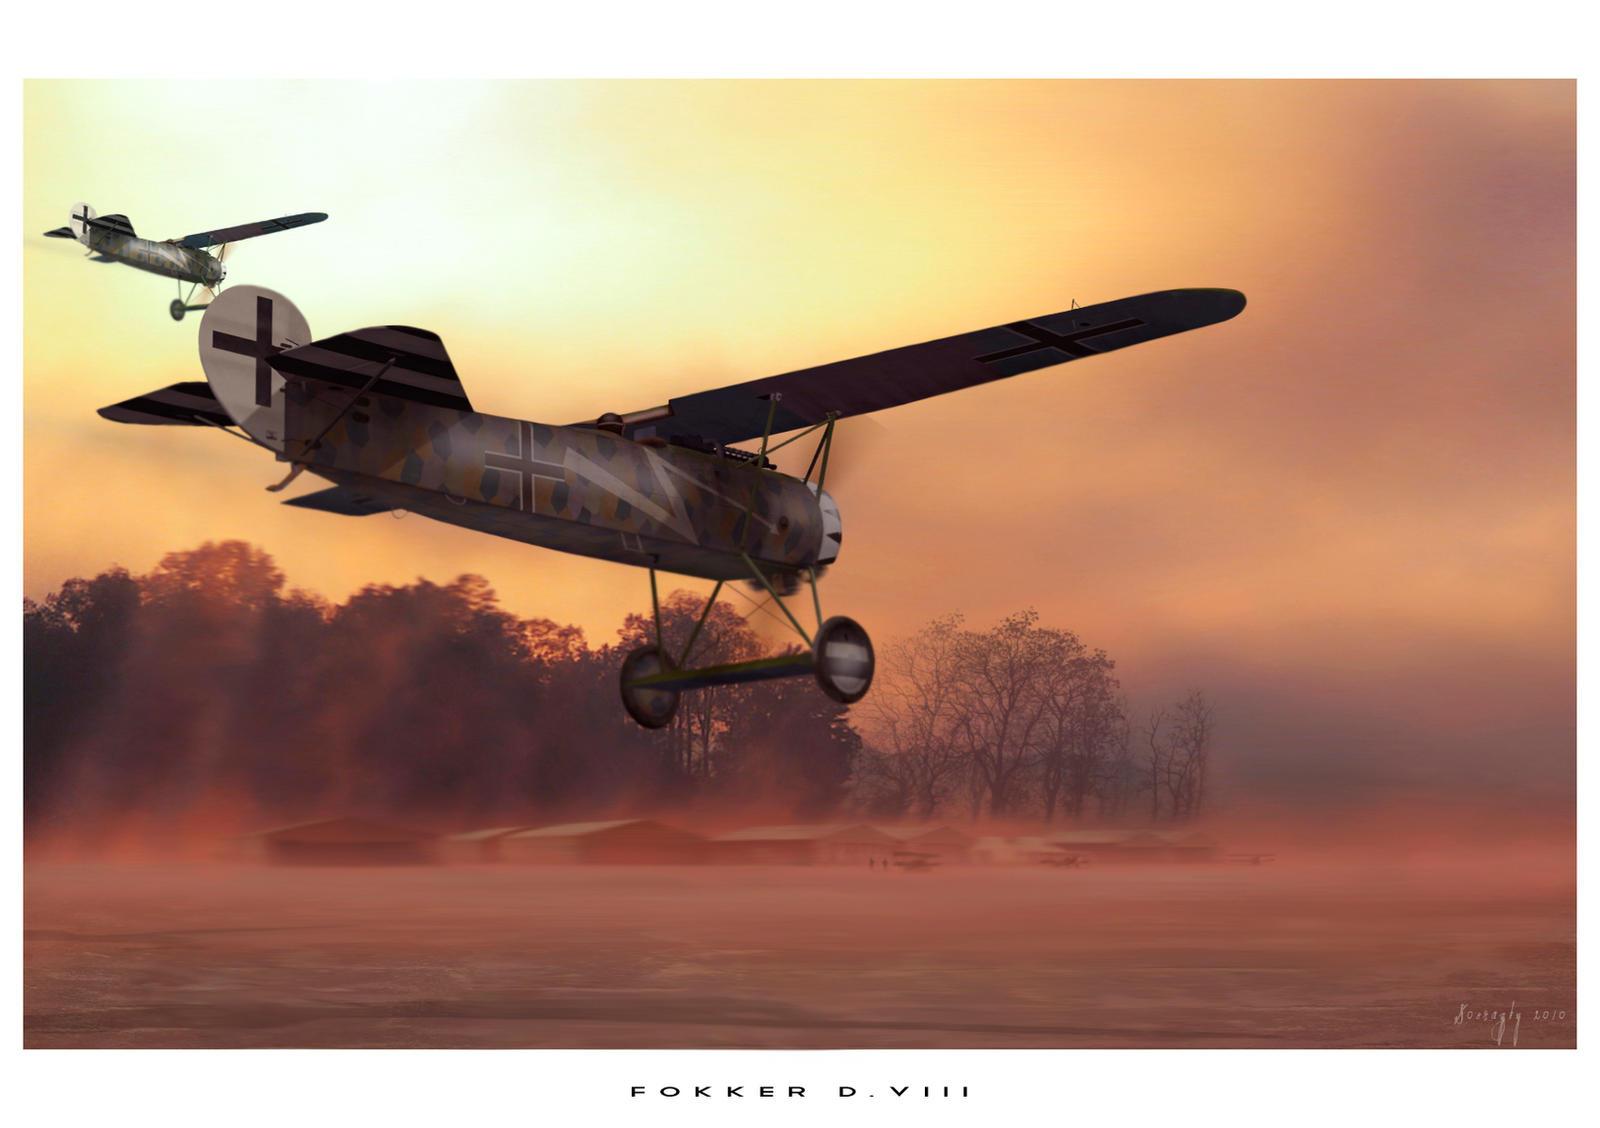 Fokker DVIII by rOEN911